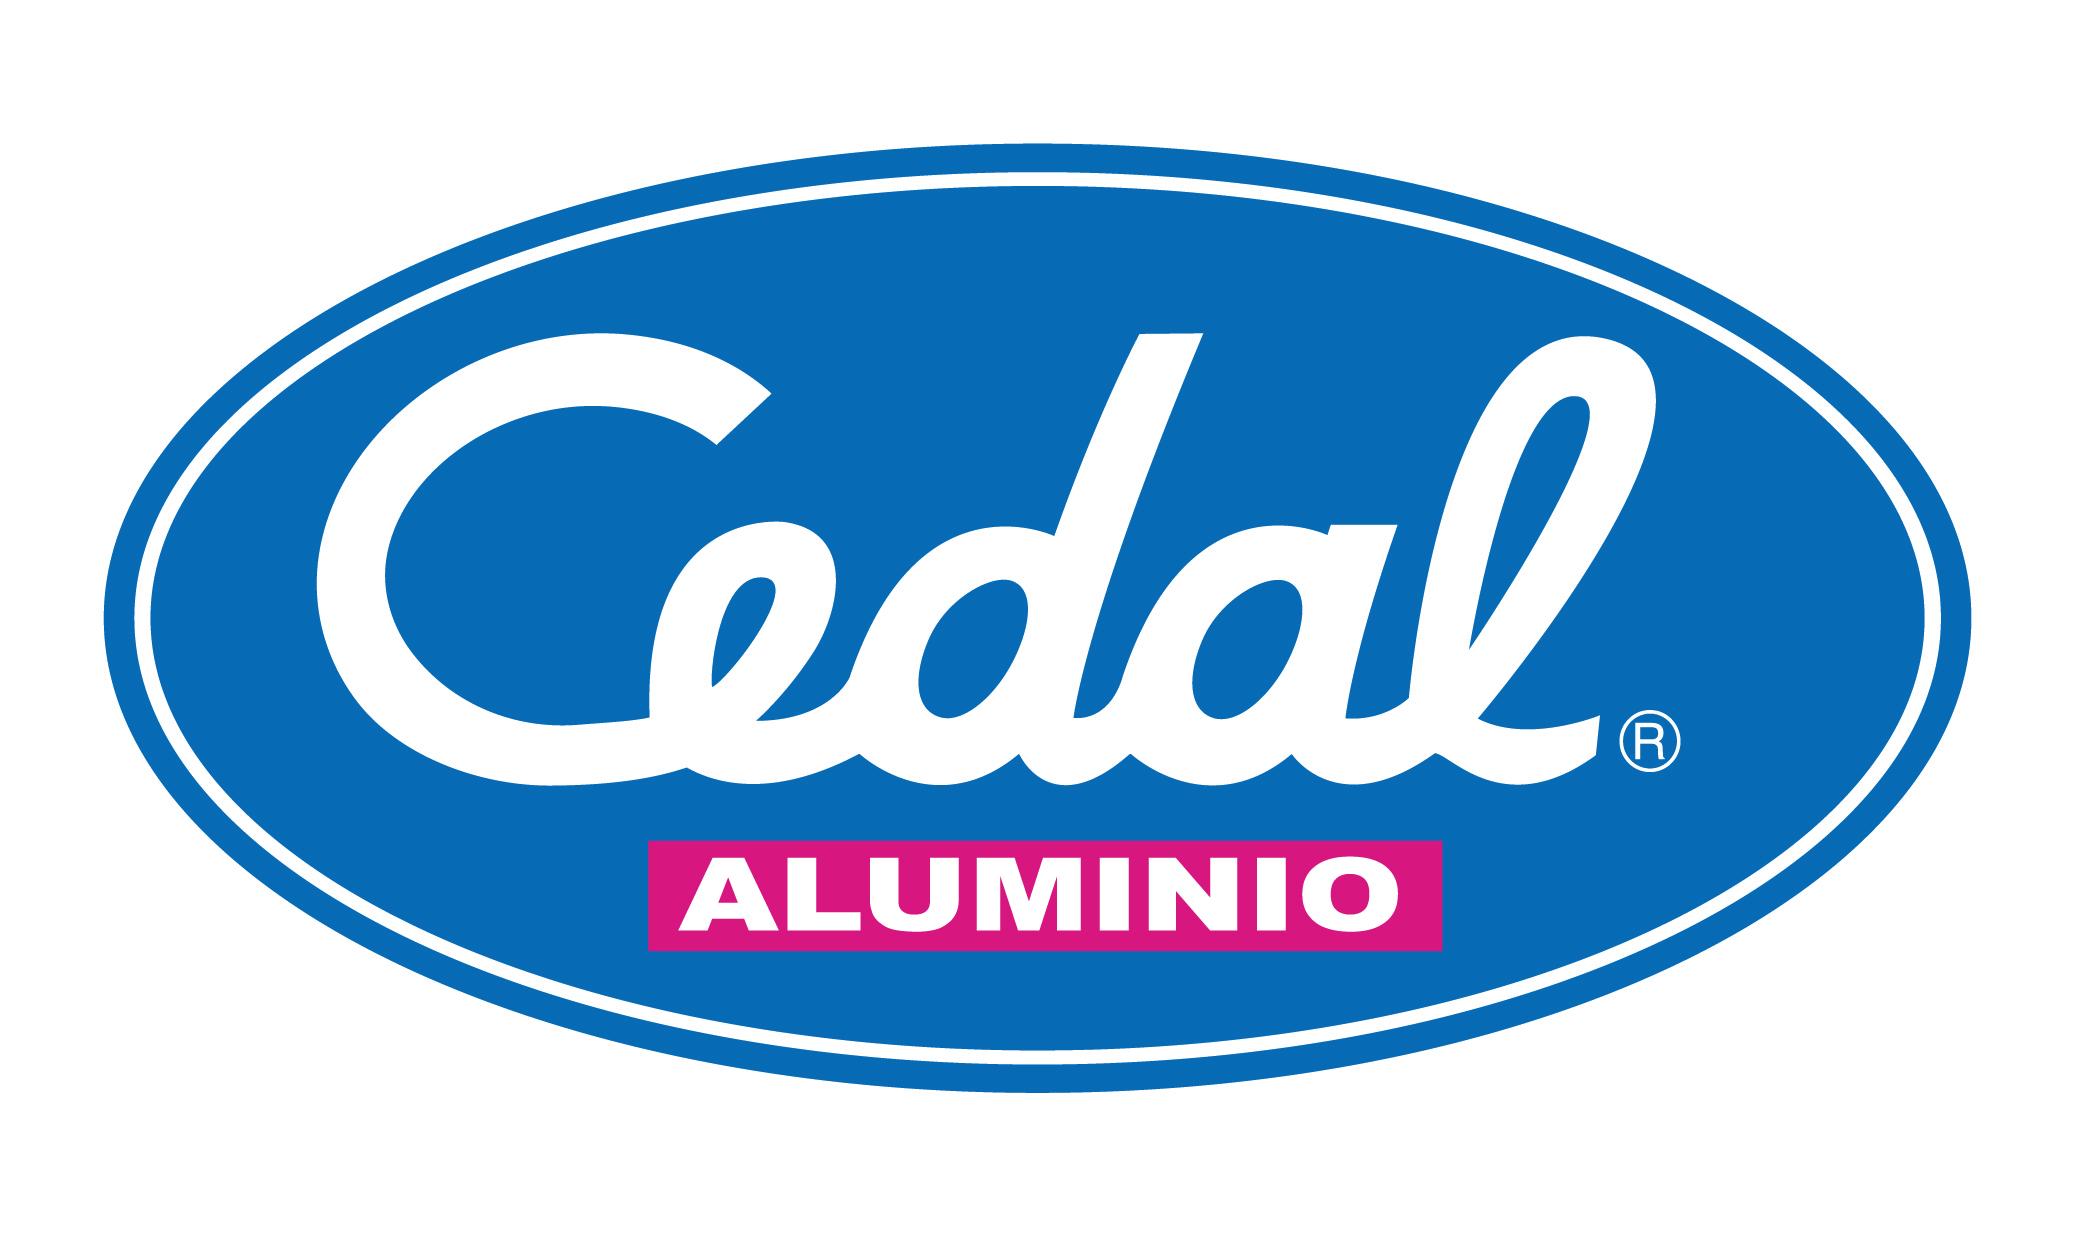 CORPORACION ECUATORIANA DE ALUMINIO S.A. CEDAL Logo